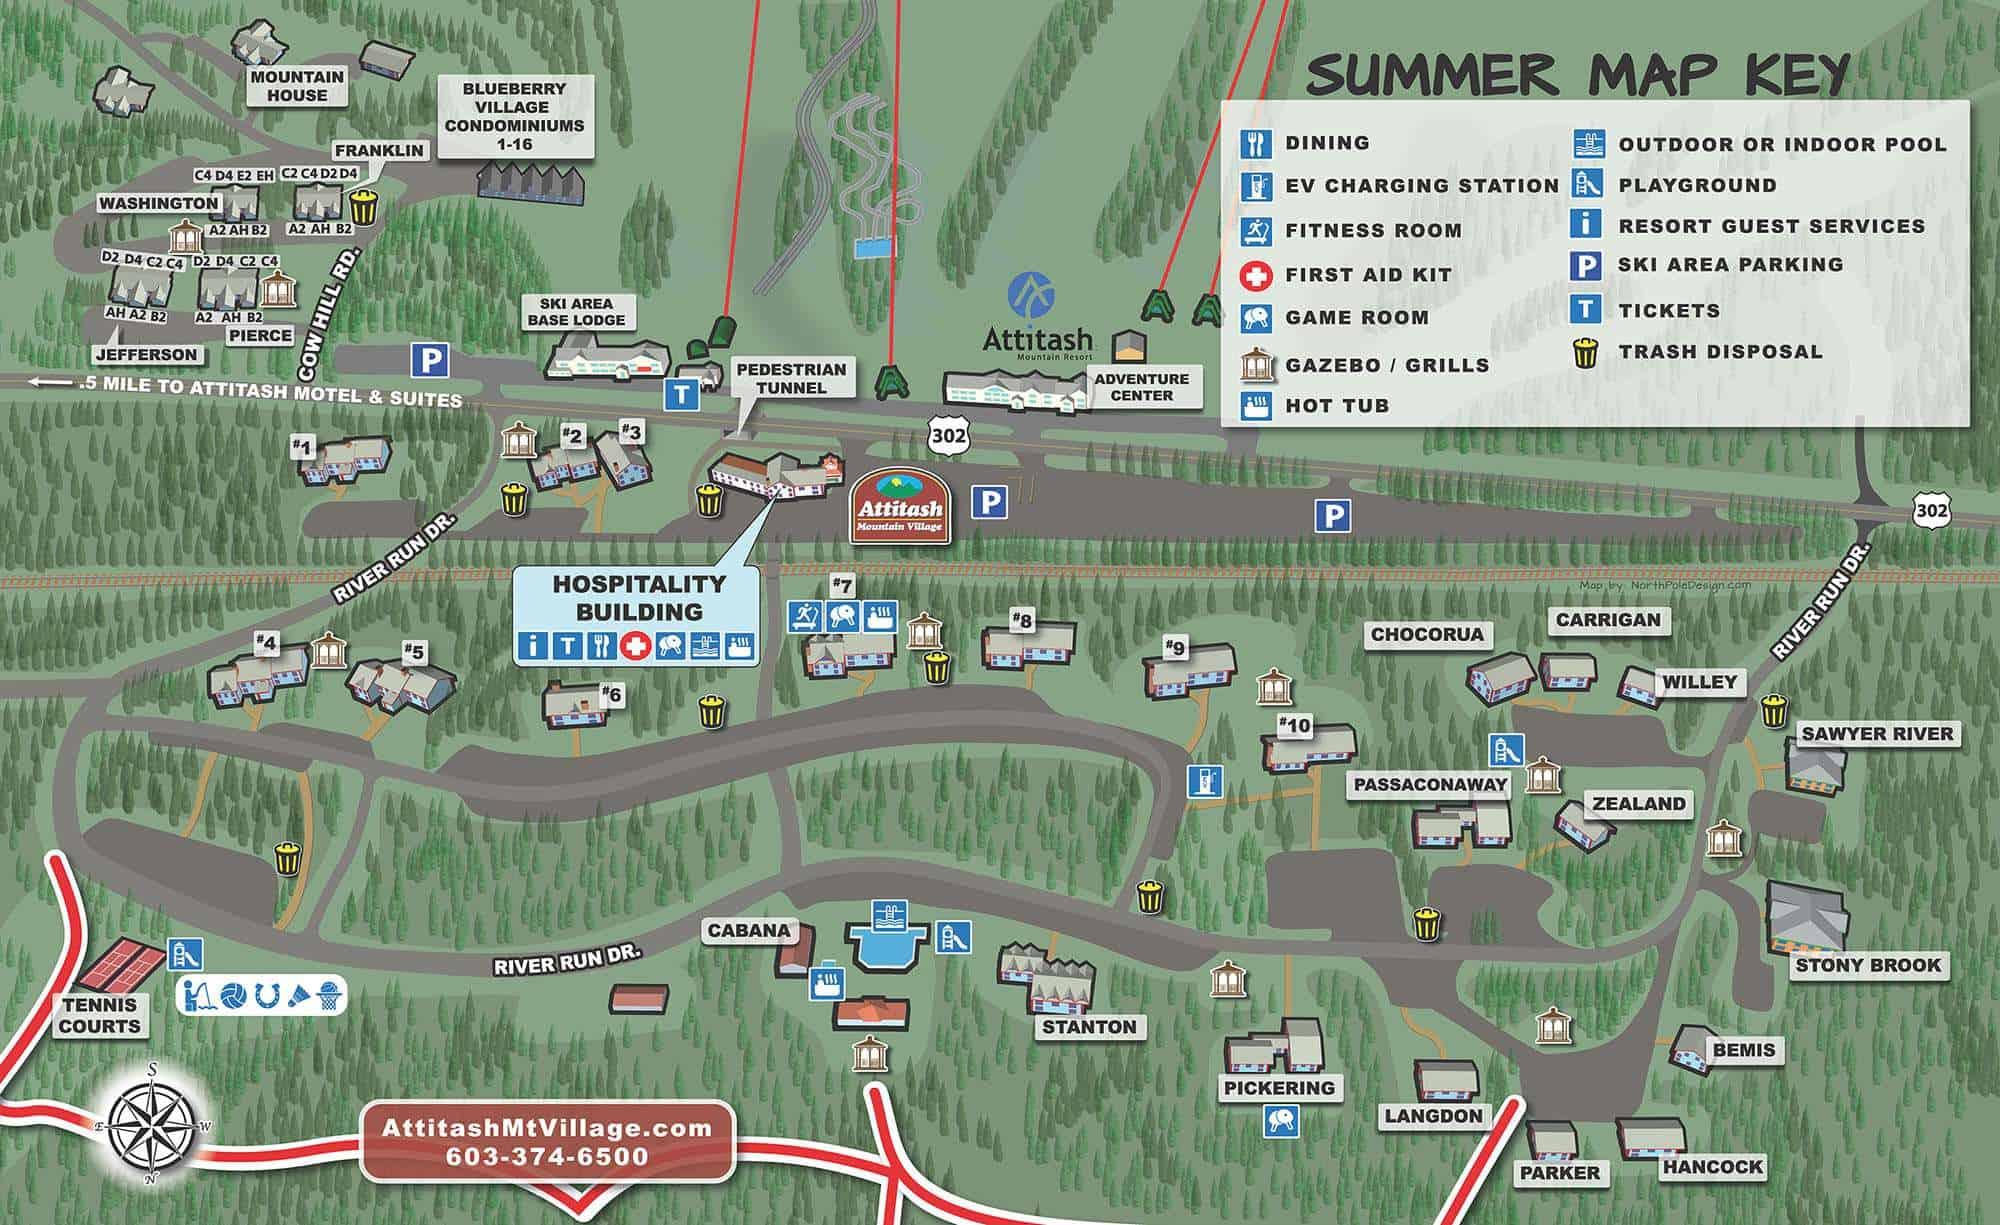 Summer Map